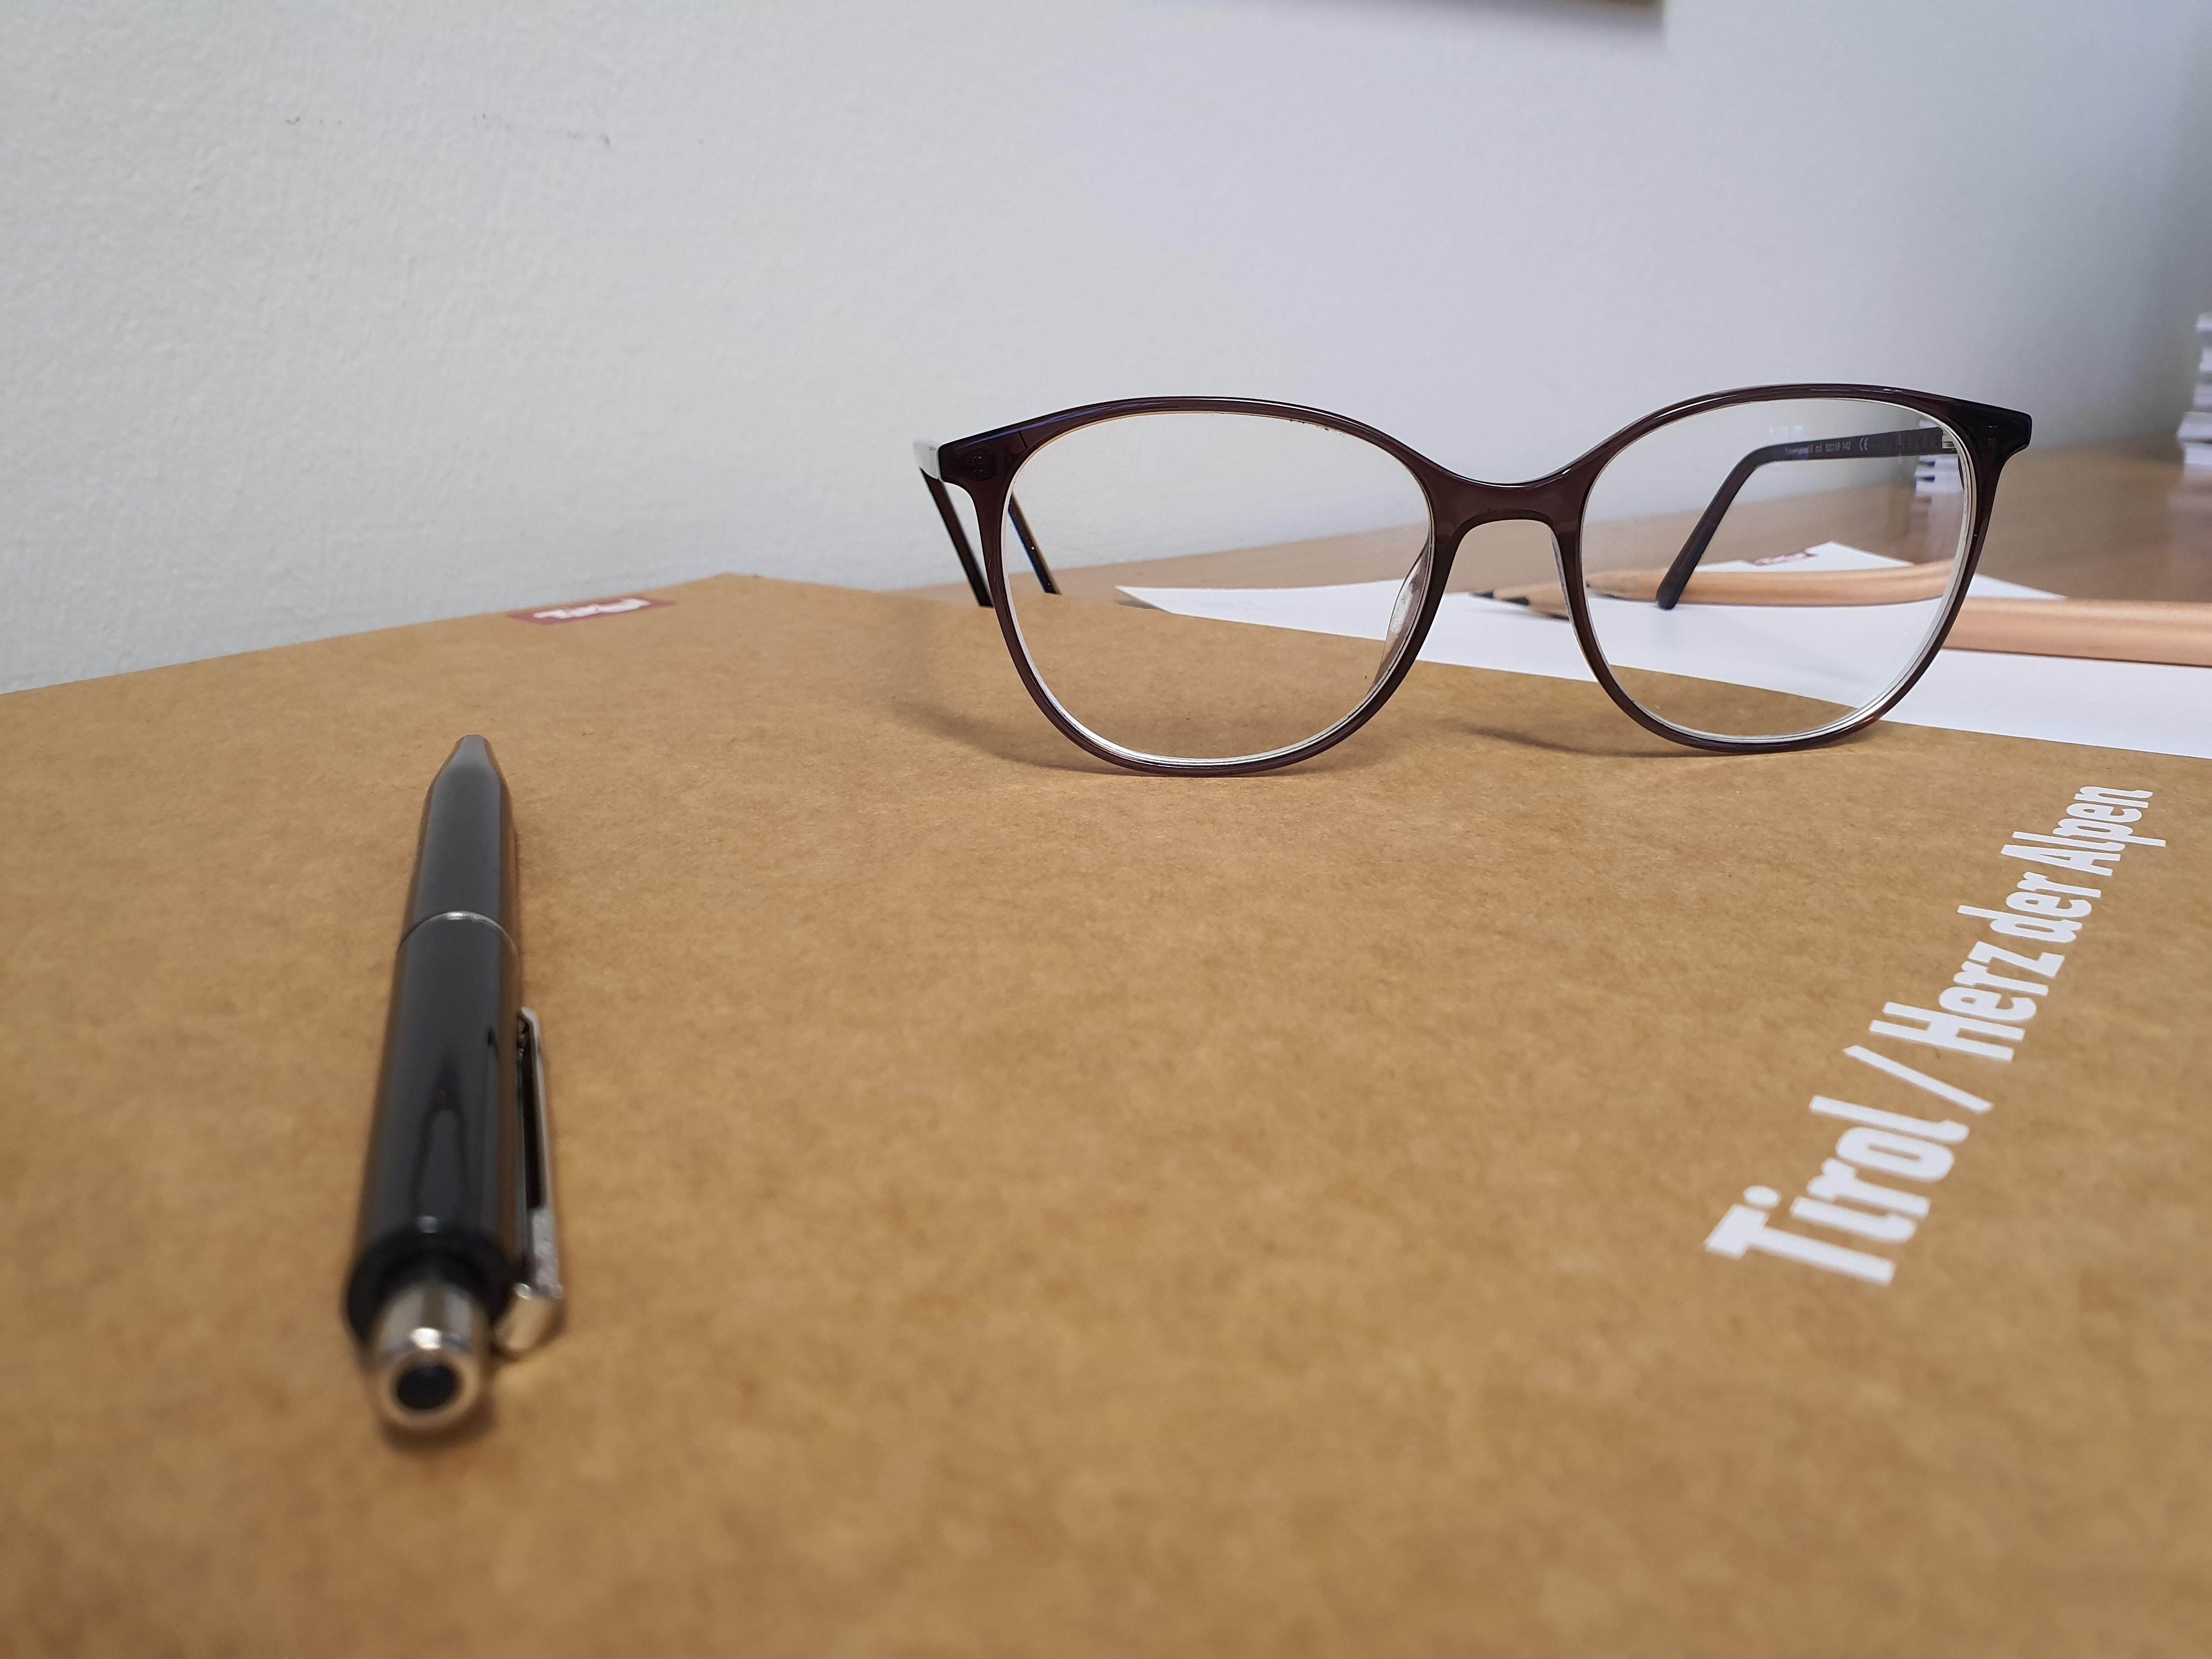 Stift, Mappe und Brille